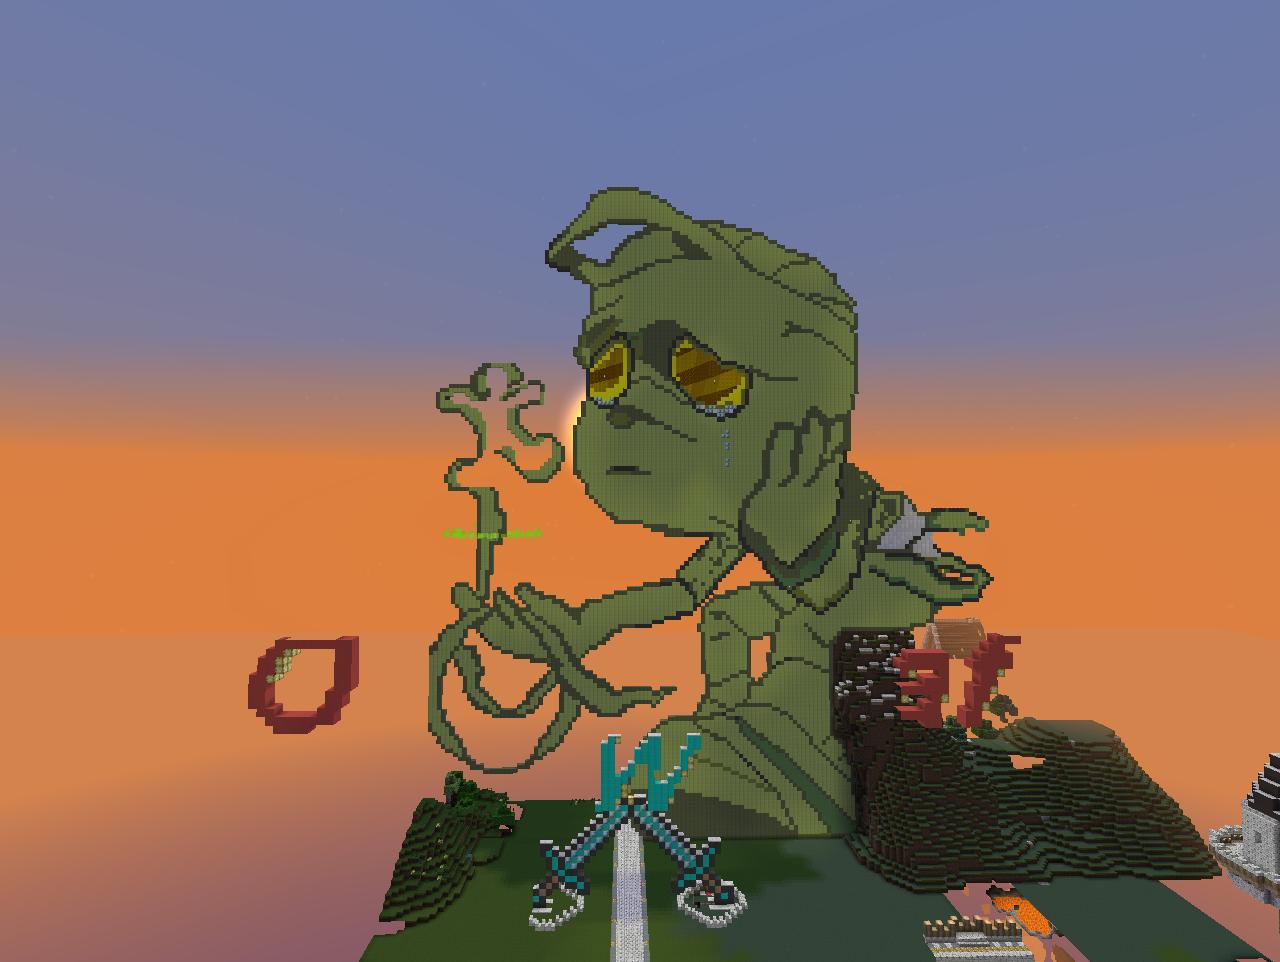 Personnages du jeu LOL en Pixel Art | Page 2 | Minecraft.fr